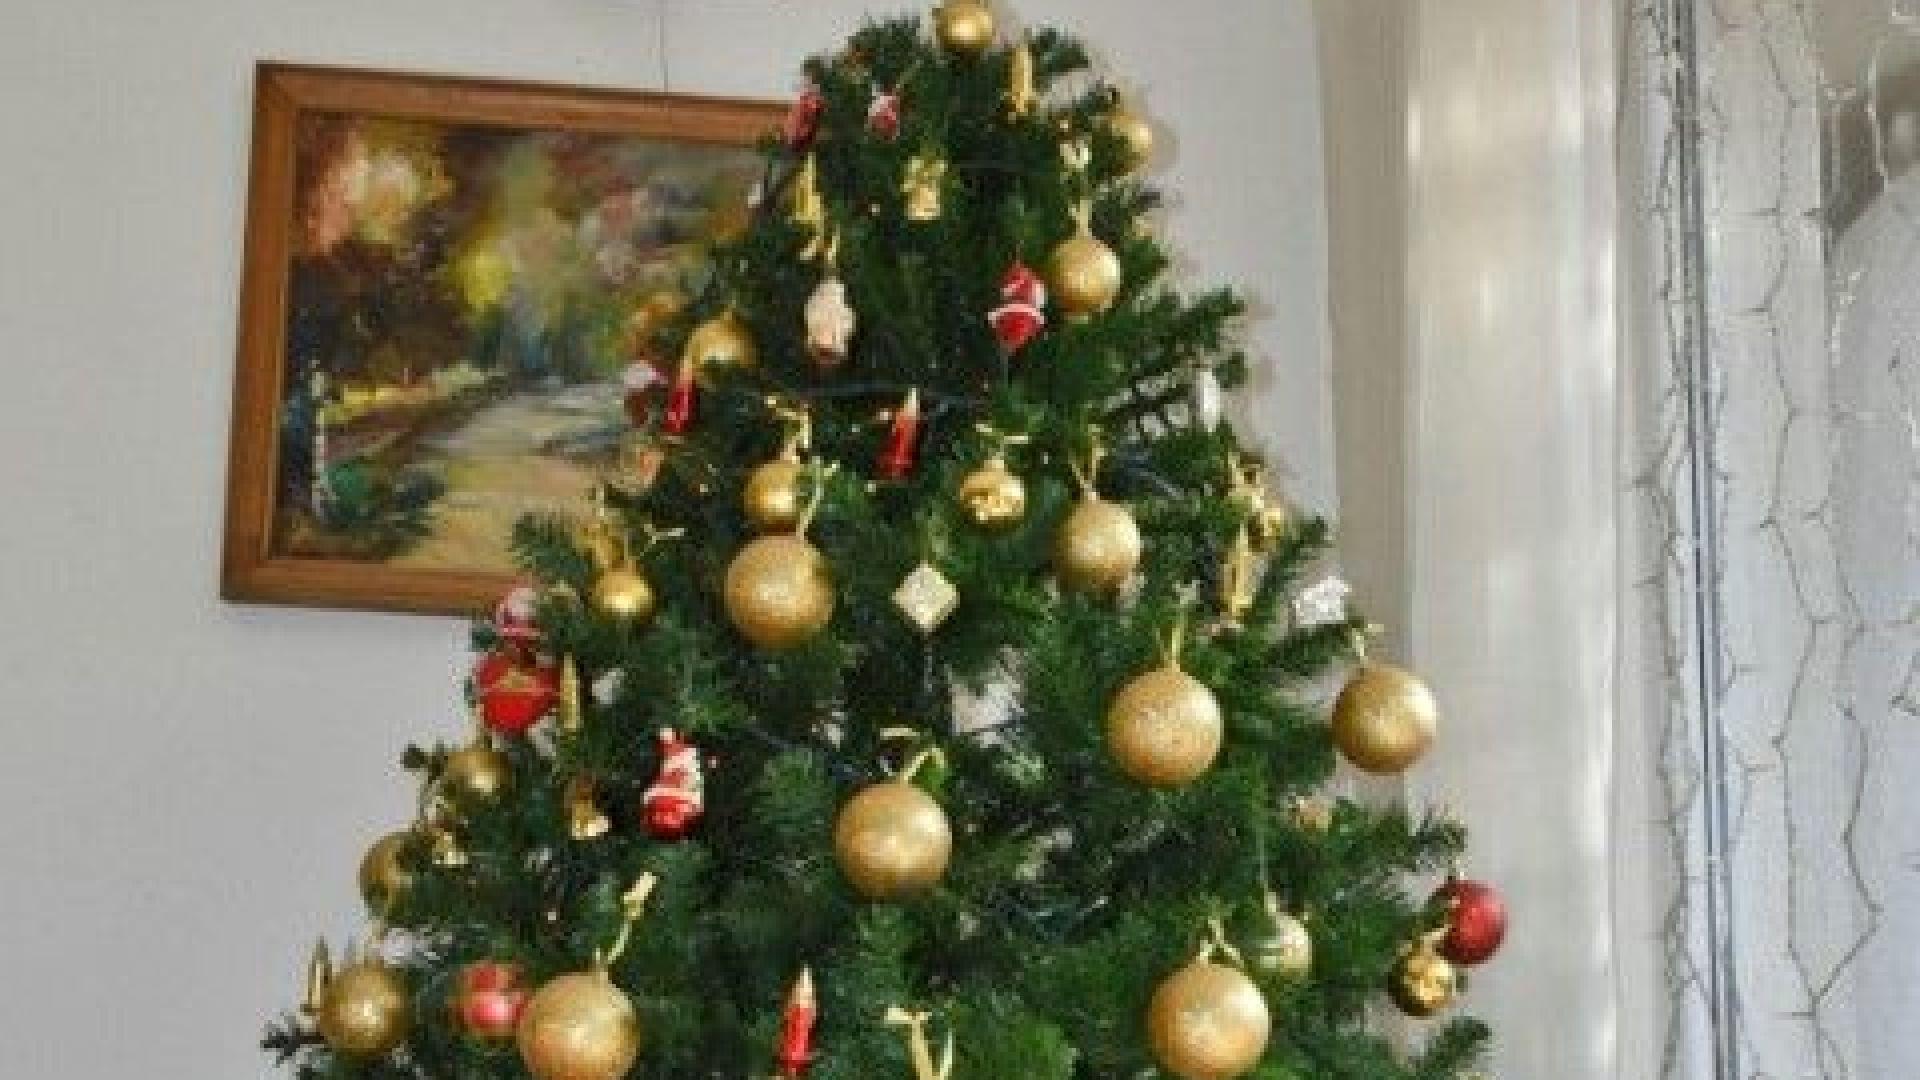 Премиер и президент честитиха Коледа във фейсбук